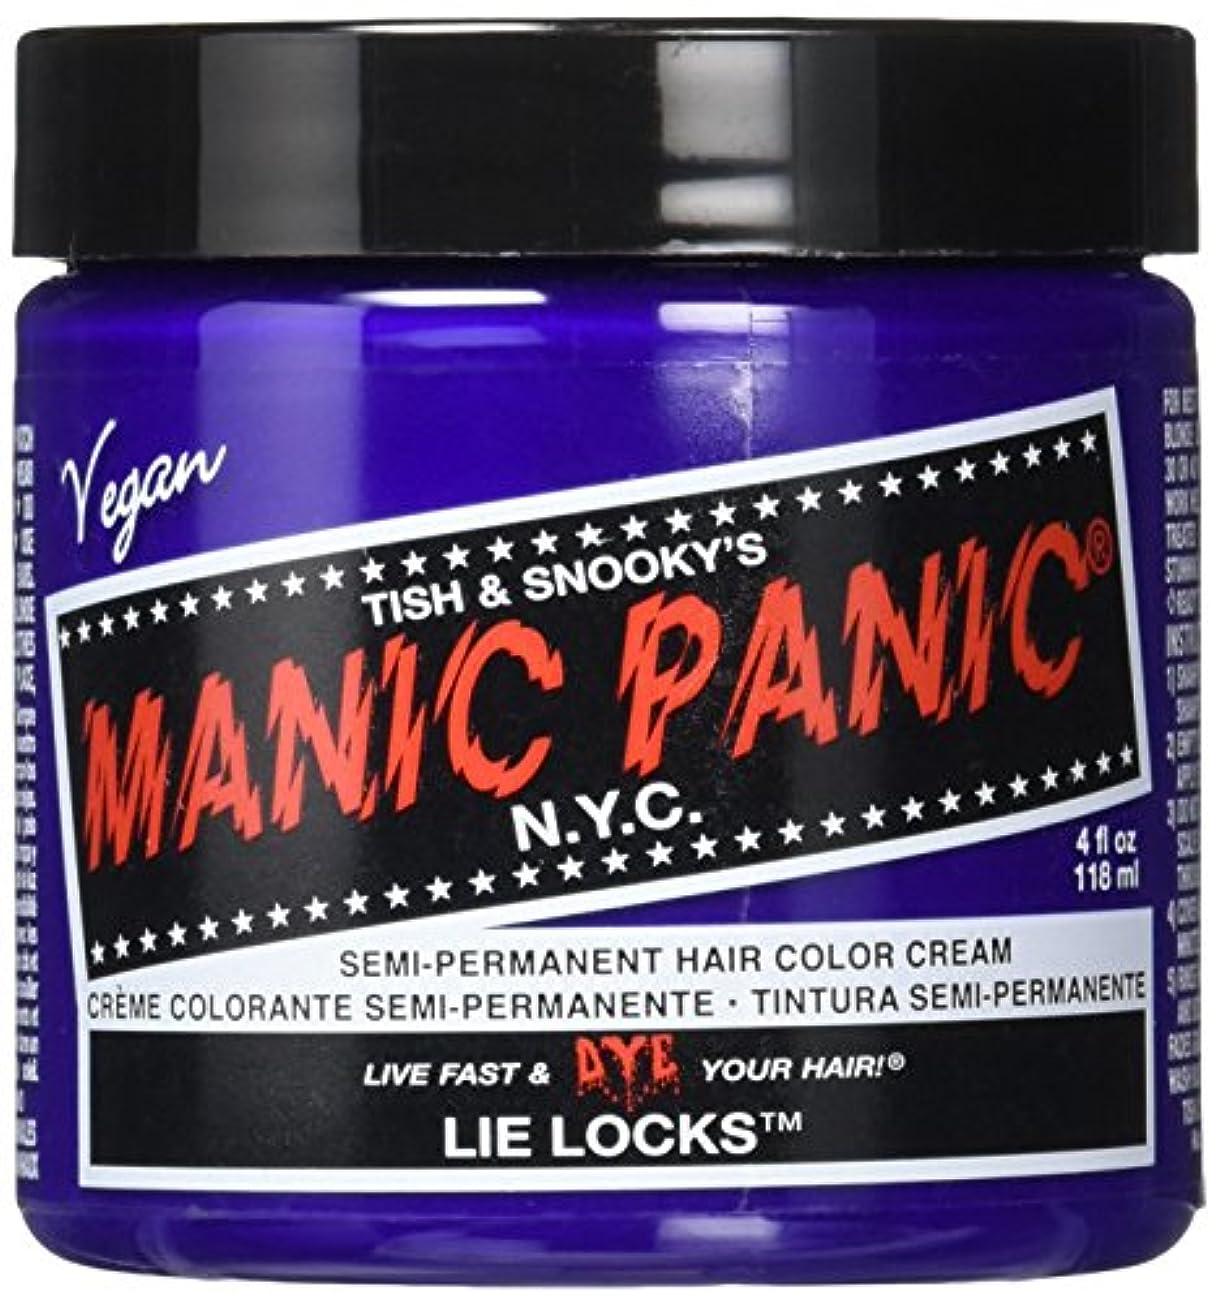 バスト渇きバケツマニックパニック MANIC PANIC ヘアカラー 118mlライラック ヘアーカラー